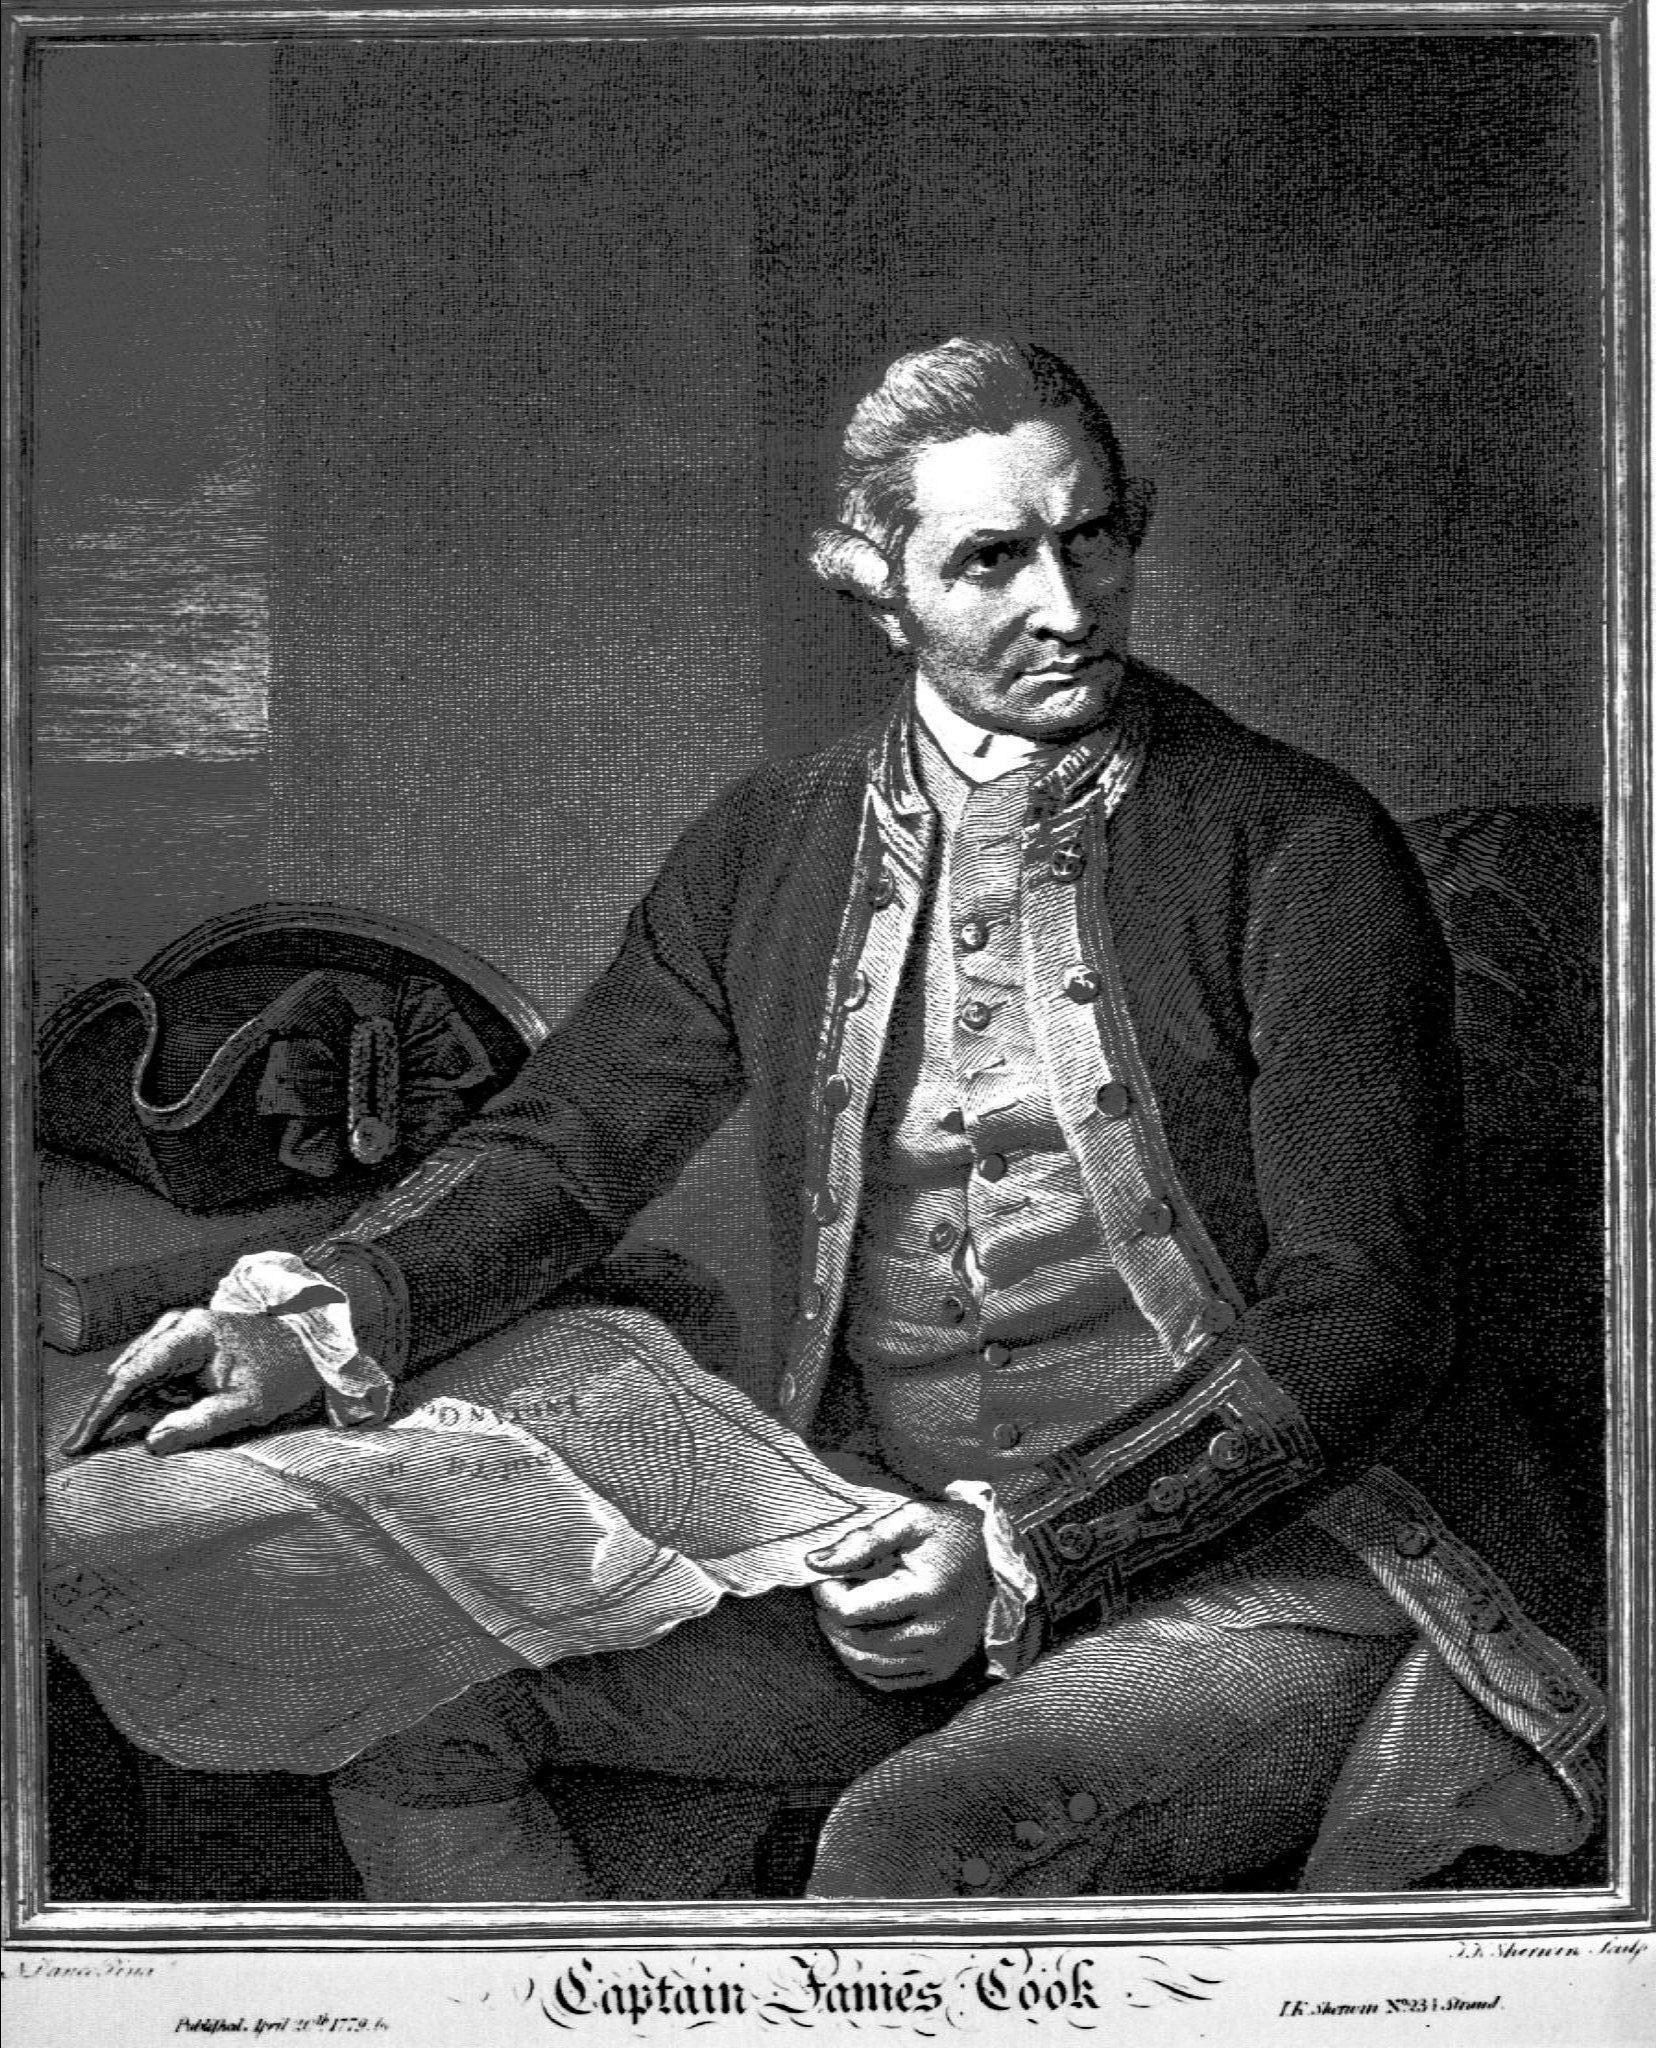 Der Seefahrer James Cook brachte die Tattoos in die westliche Welt.